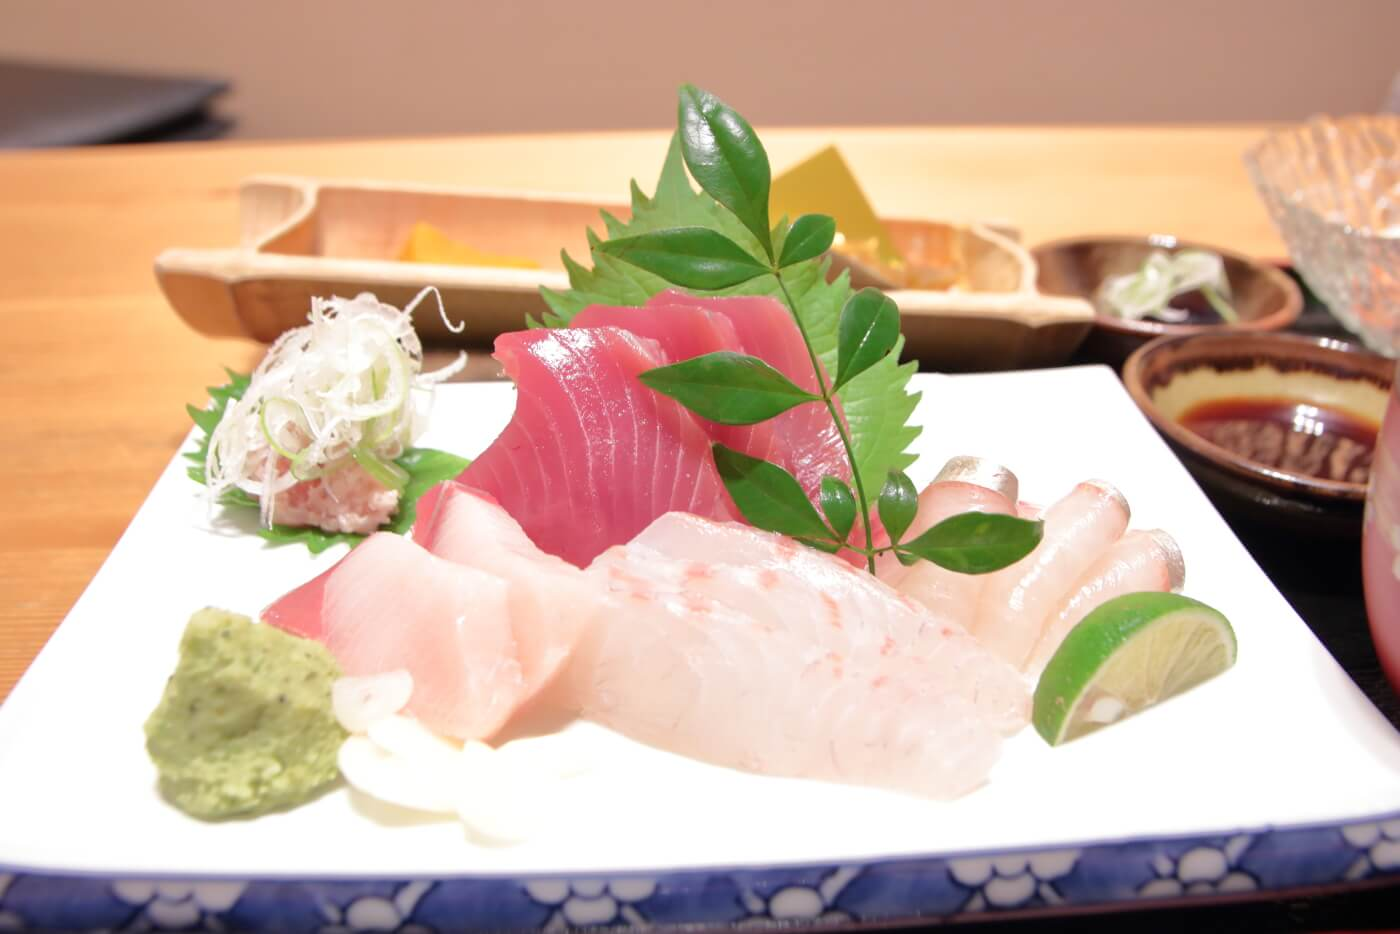 高知市の居酒屋 kataomoi(かたおもい)のランチ 刺身定食